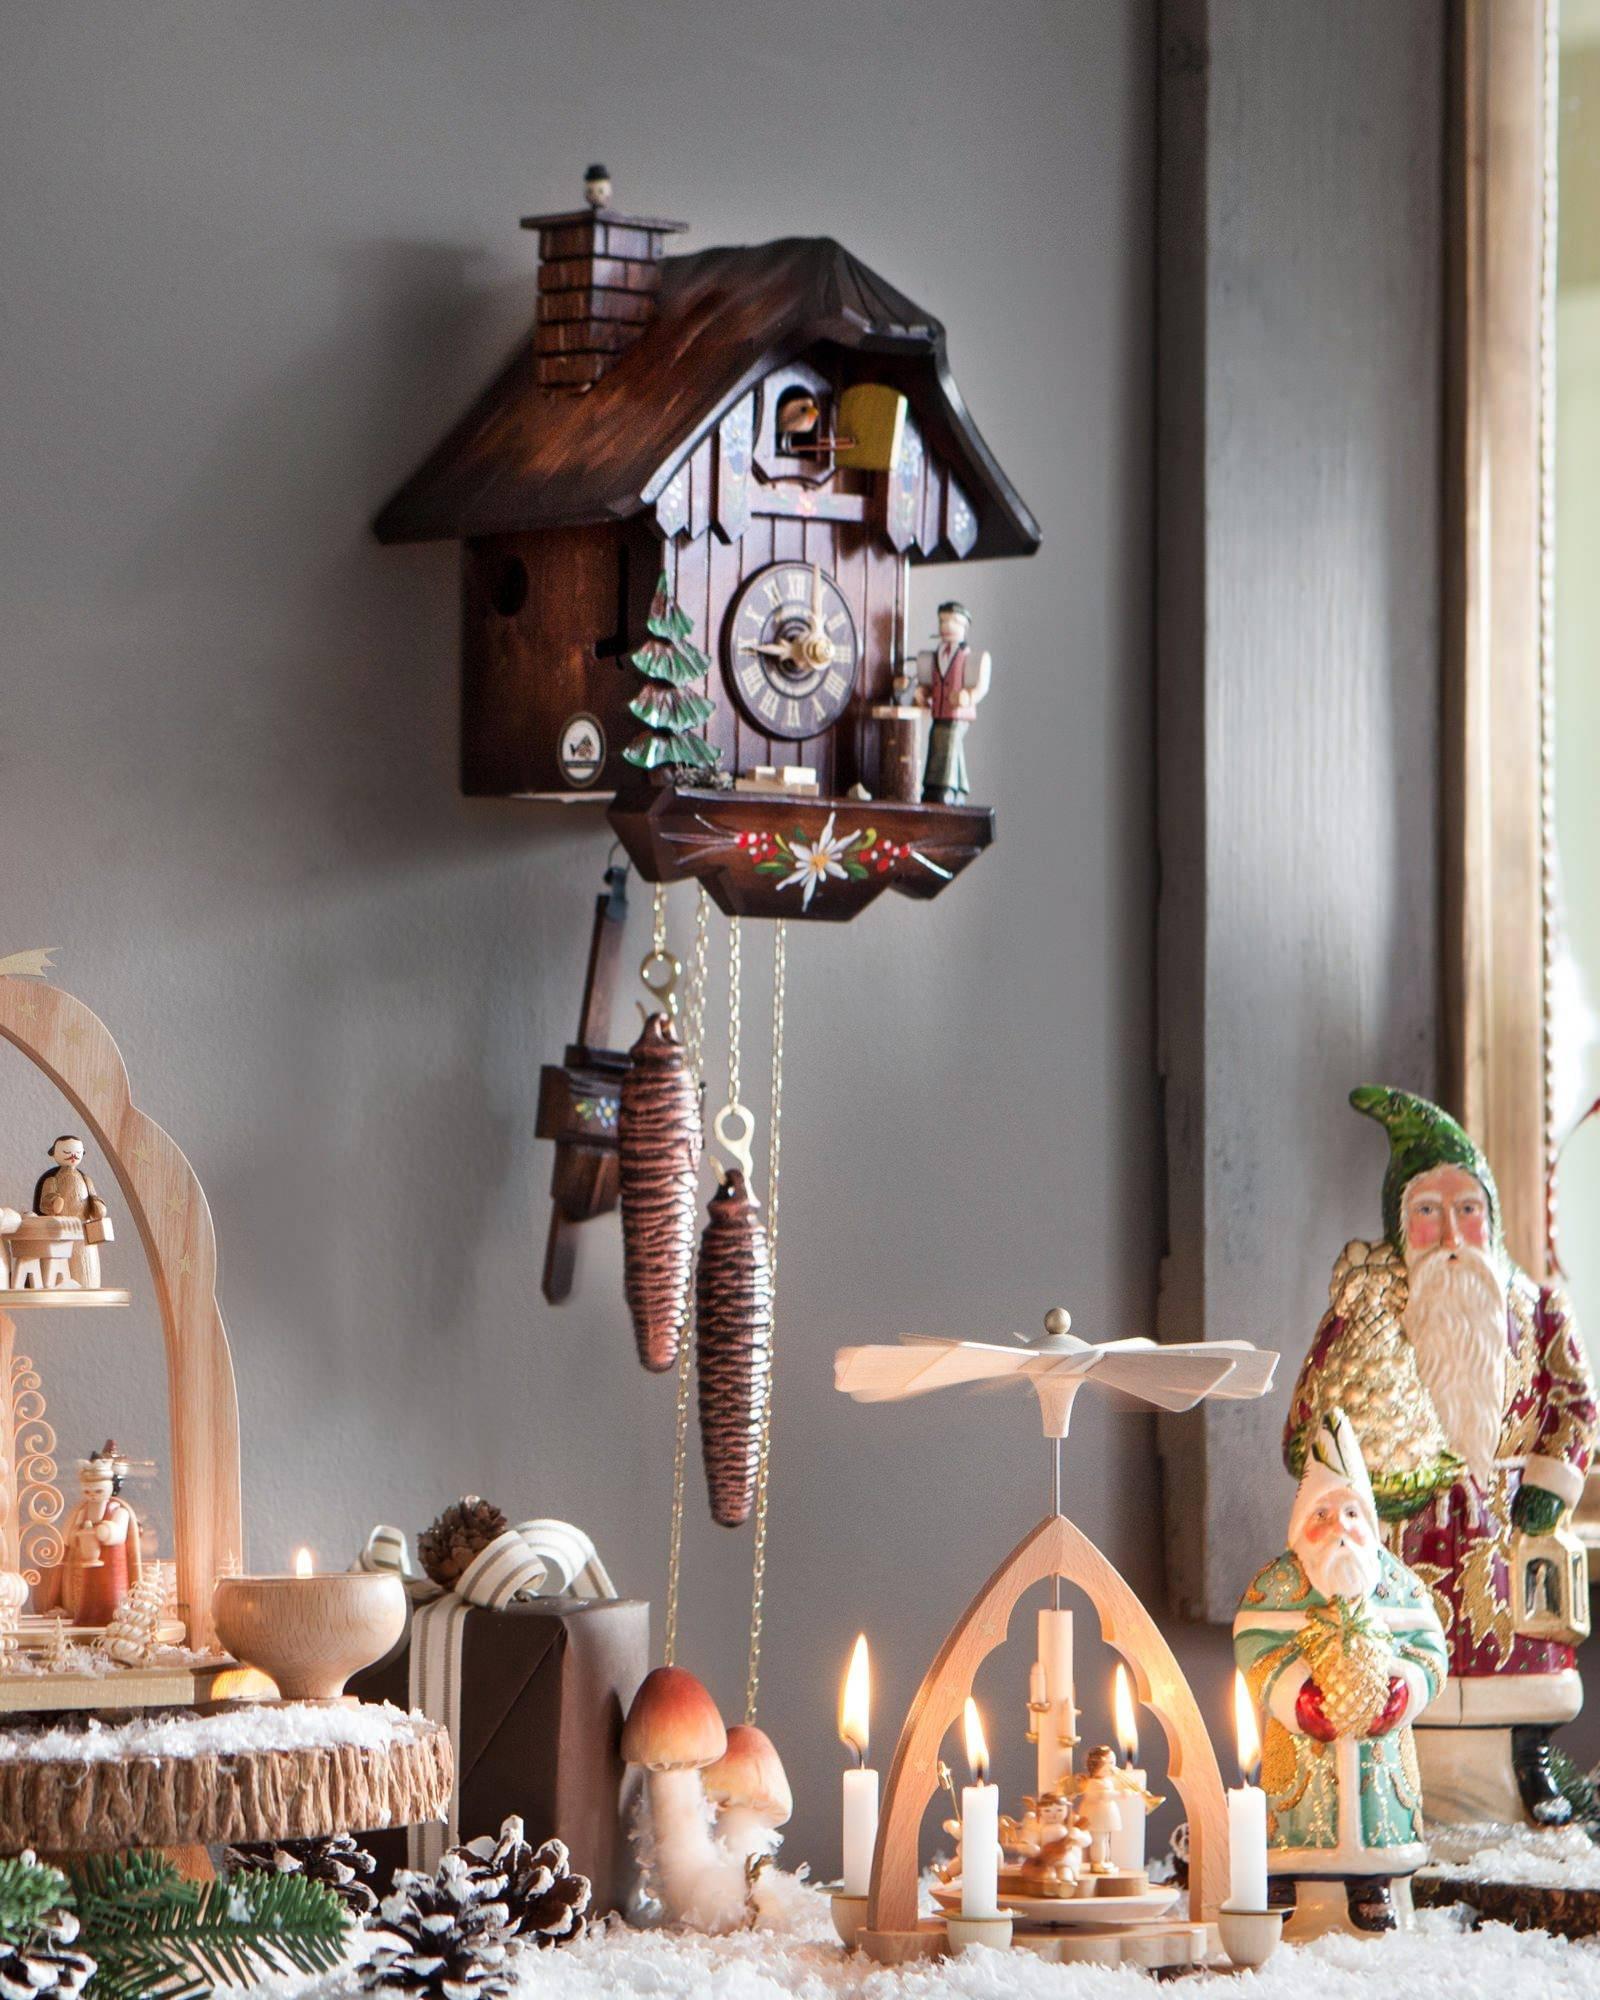 Часы с кукушкой в новогоднем декоре